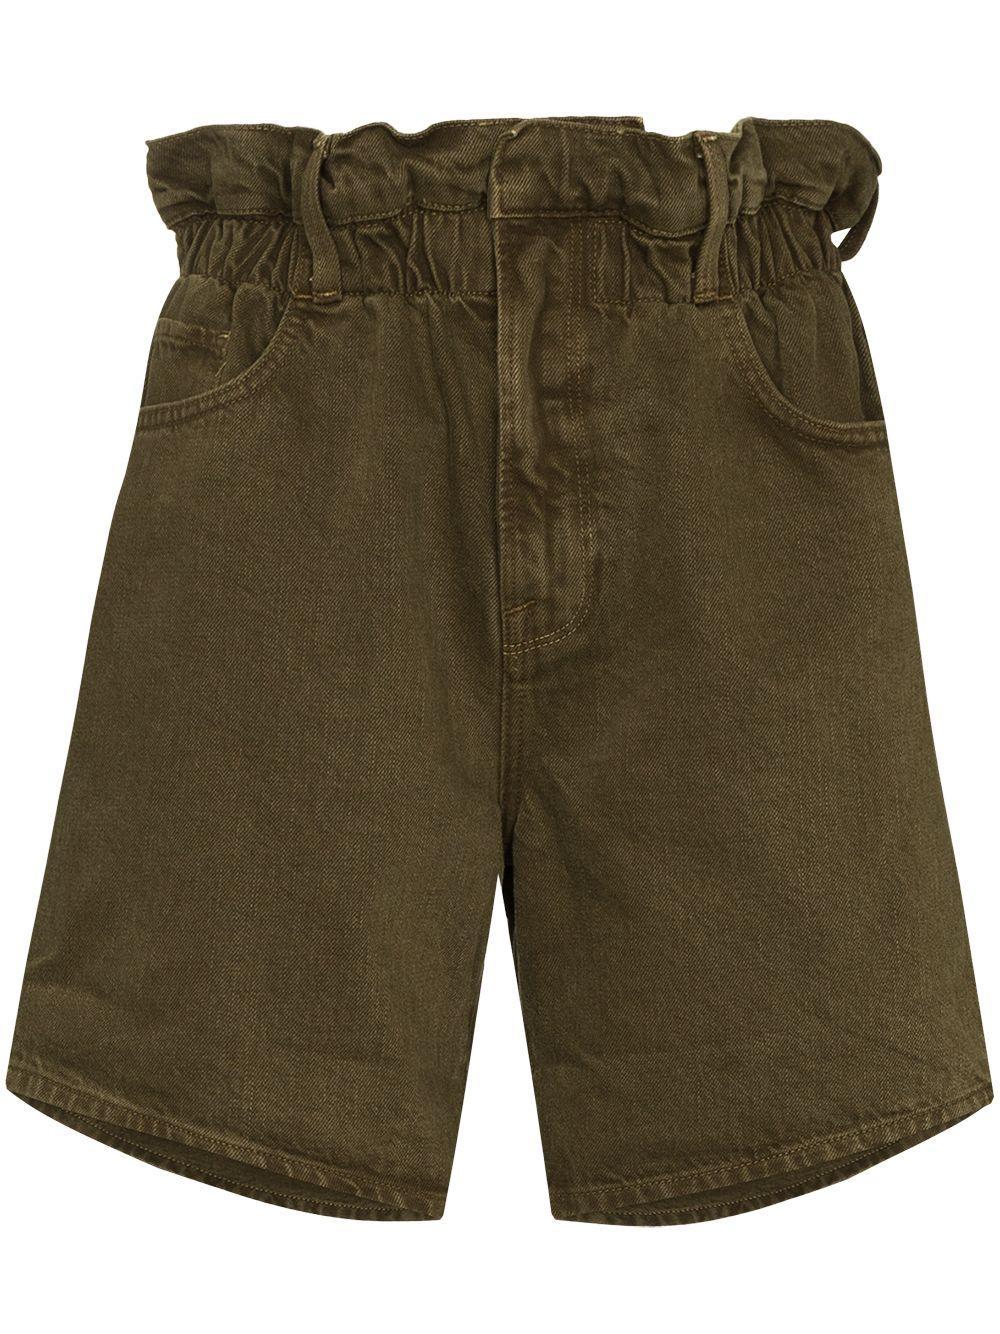 Elastic Waist Jean Shorts Item # EWSH171